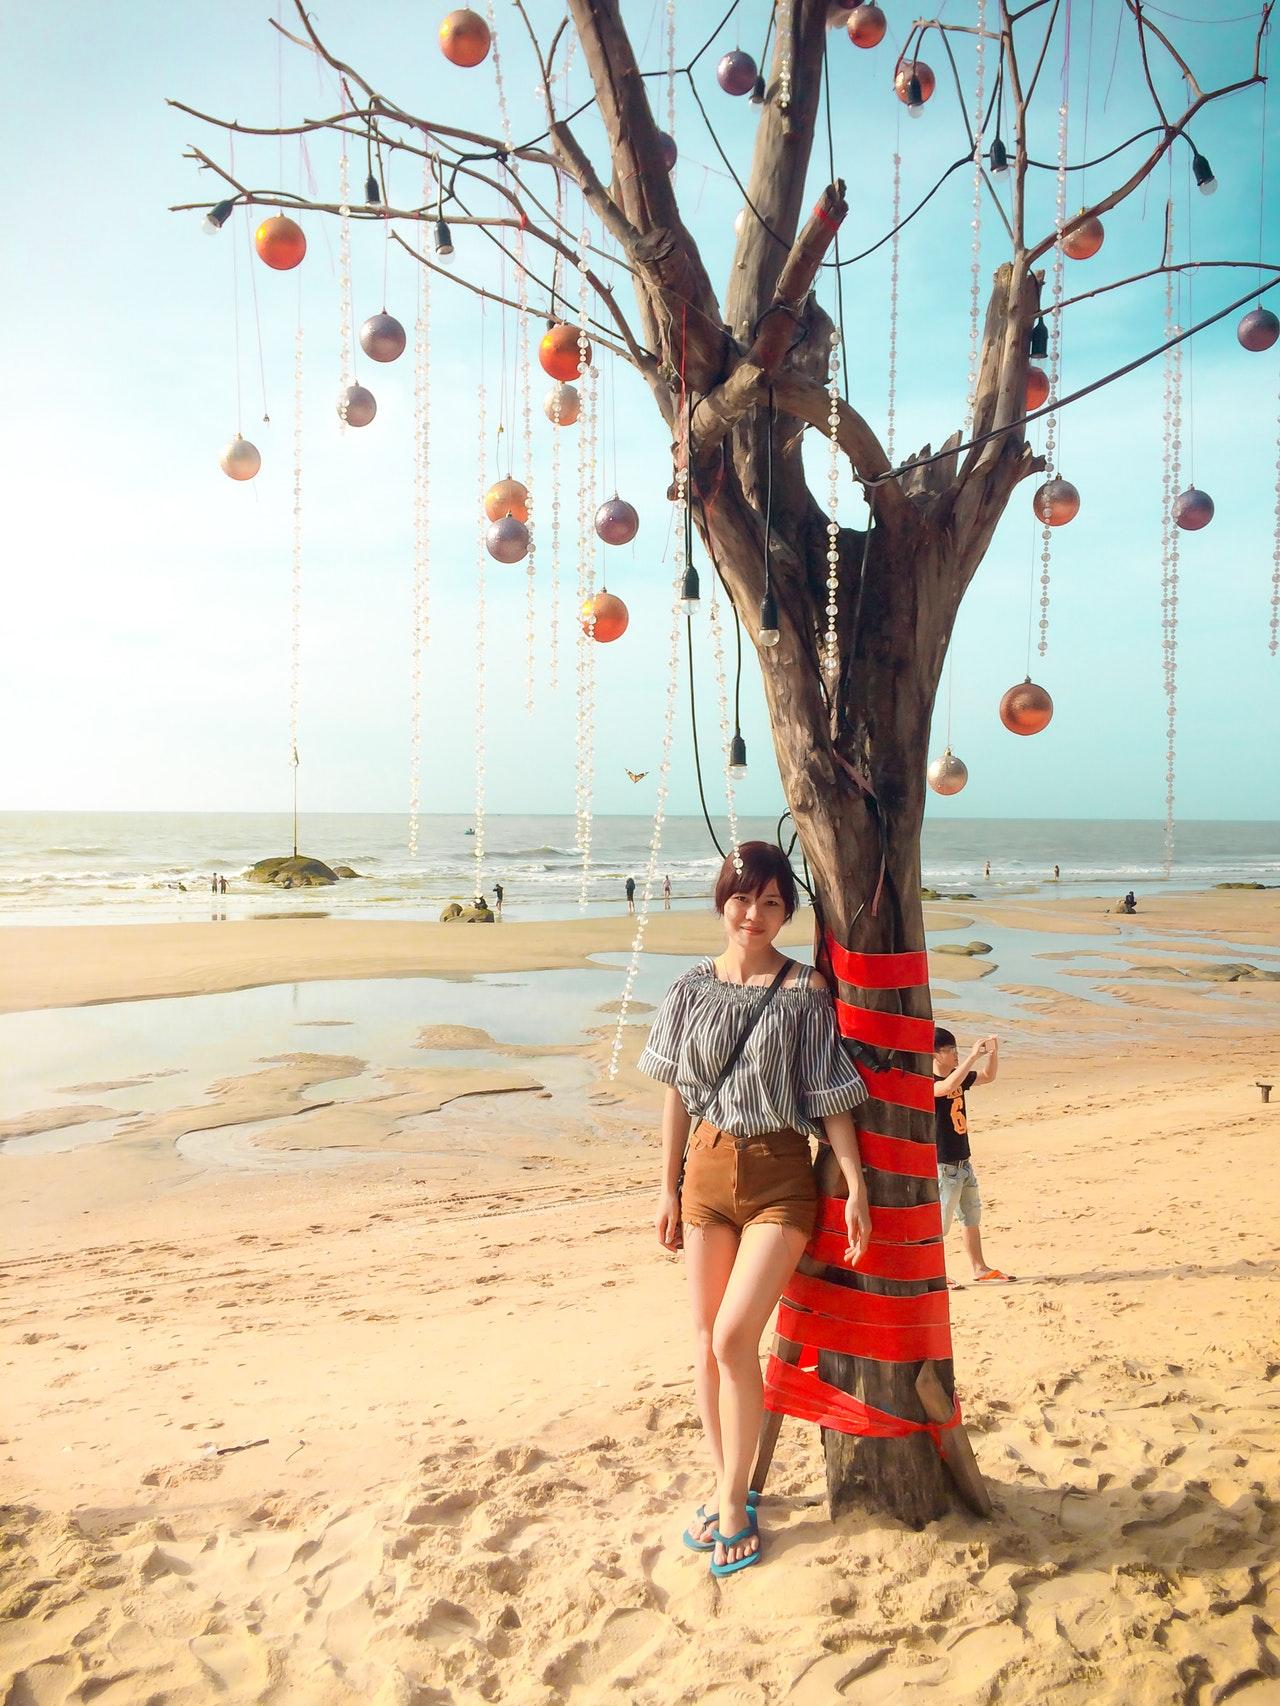 beach-beautiful-daylight-2374650